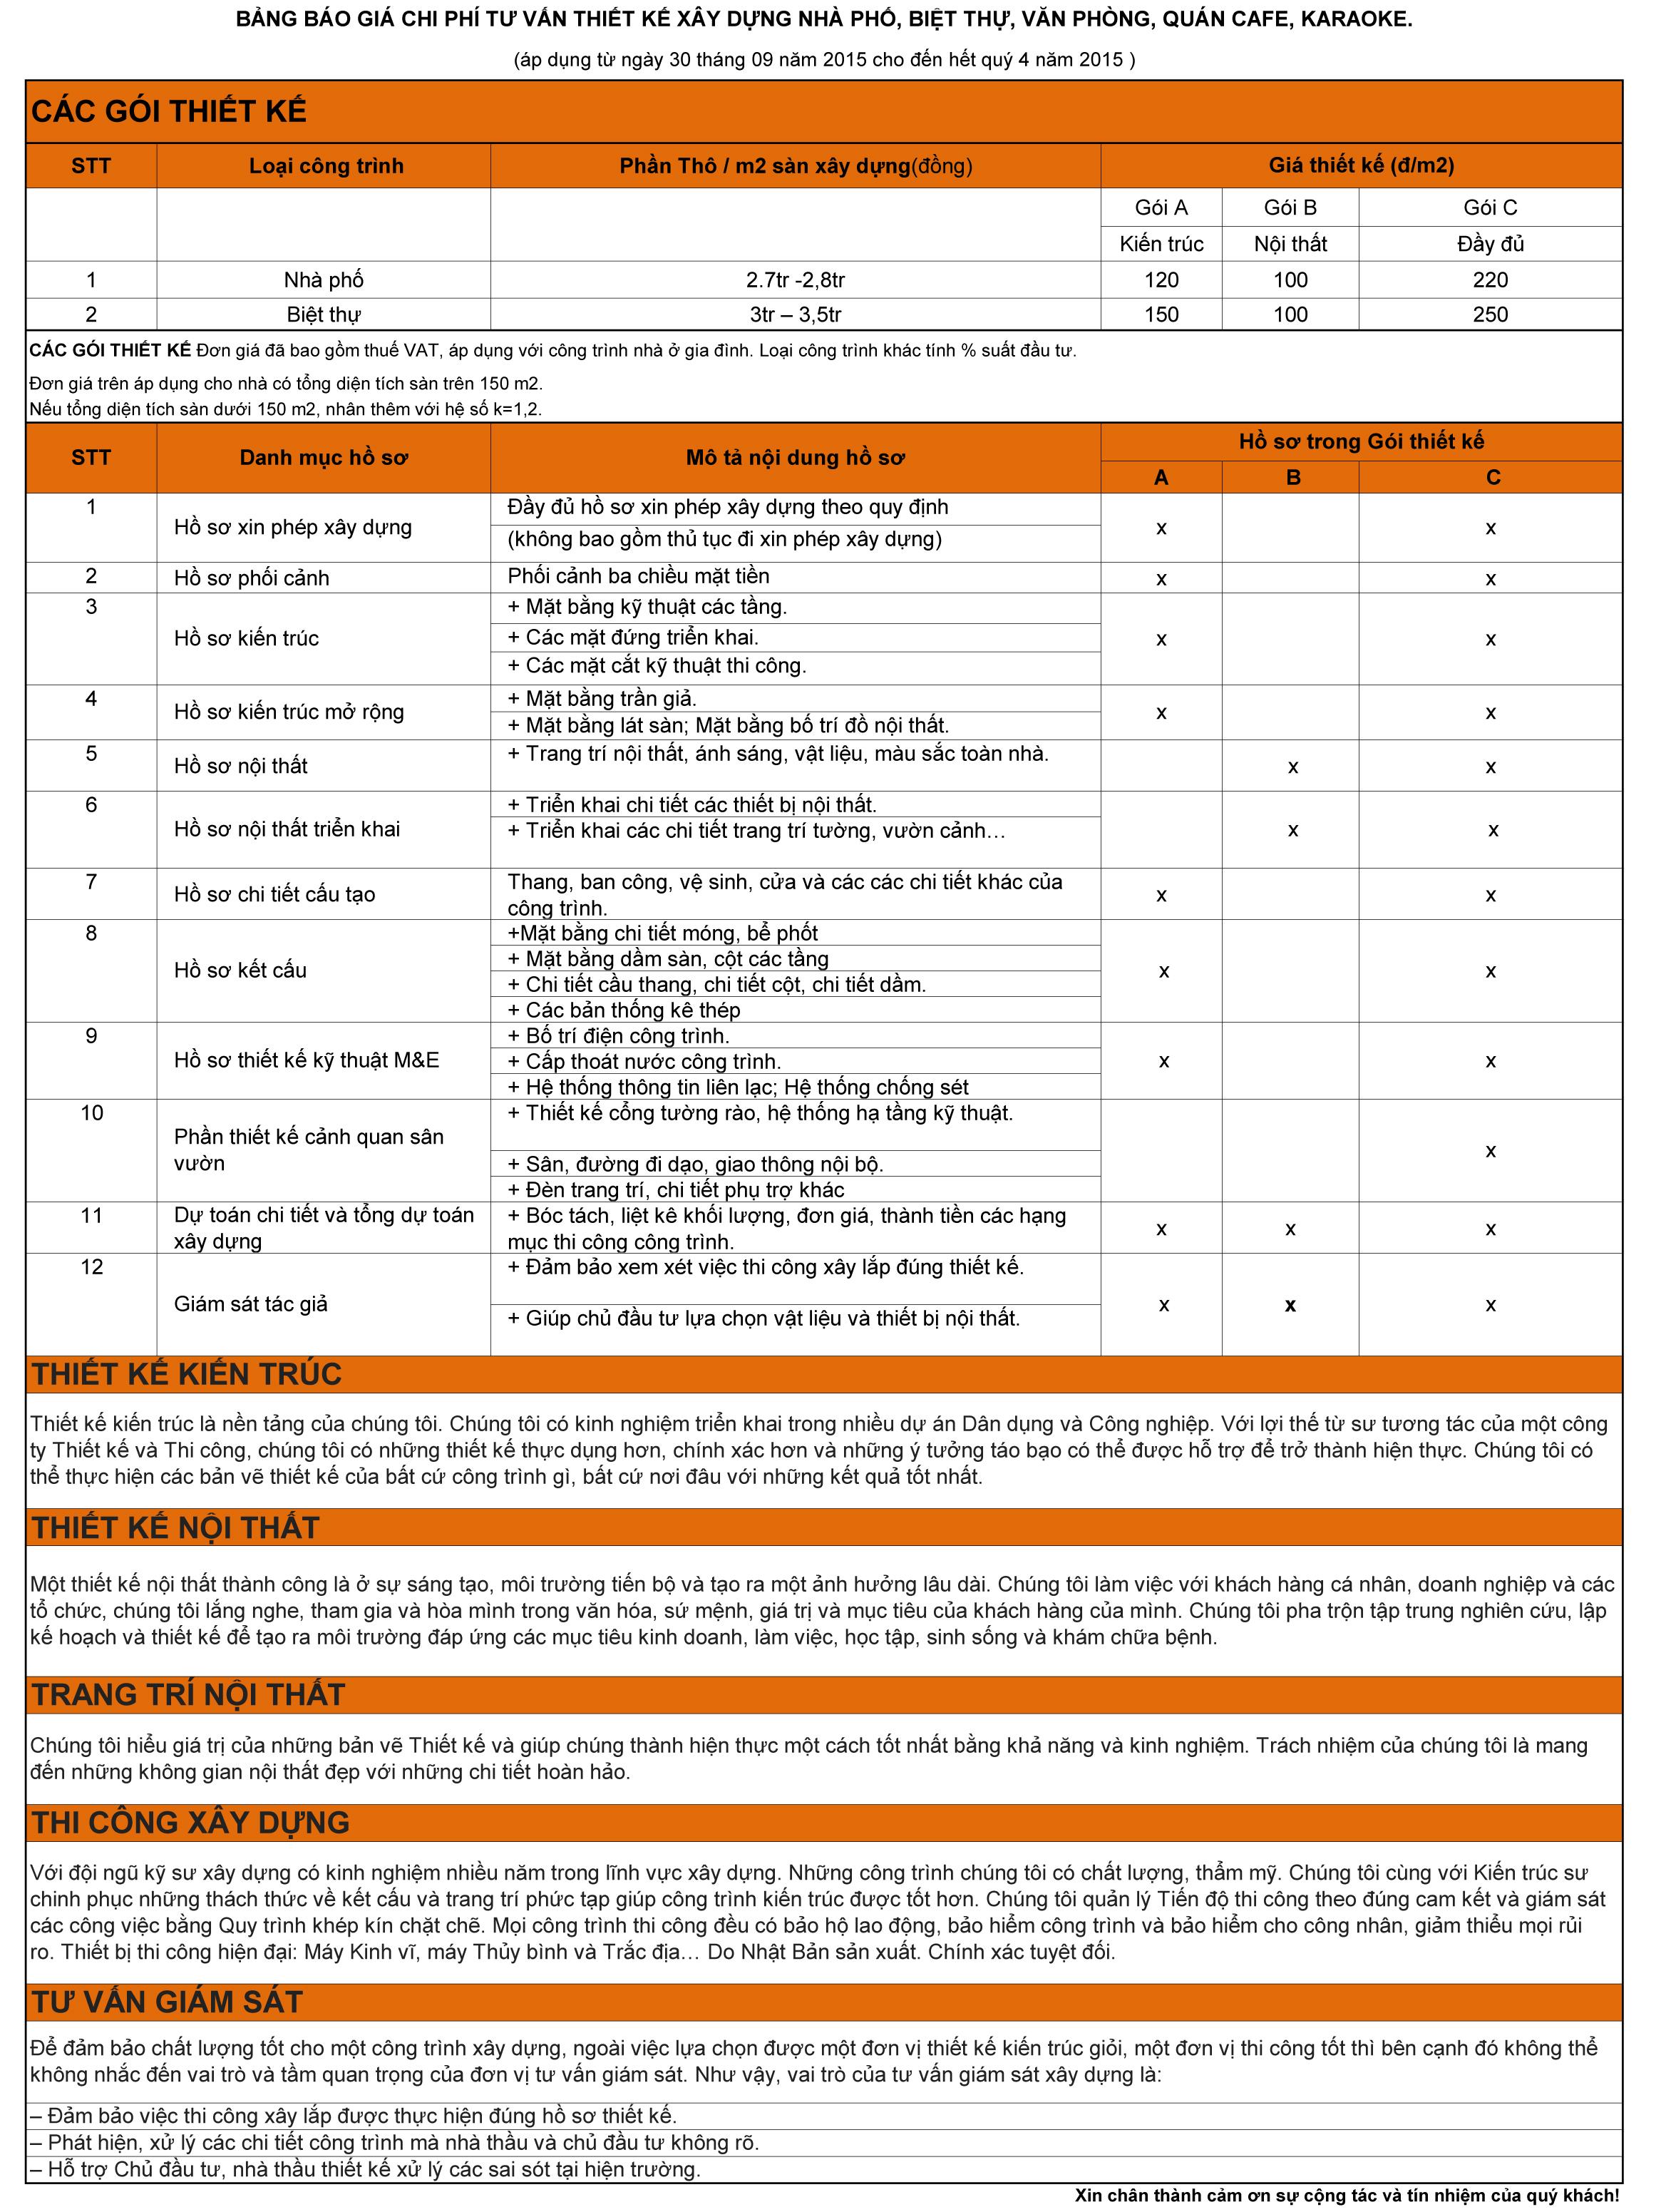 Bảng báo giá thiết kế và thi công